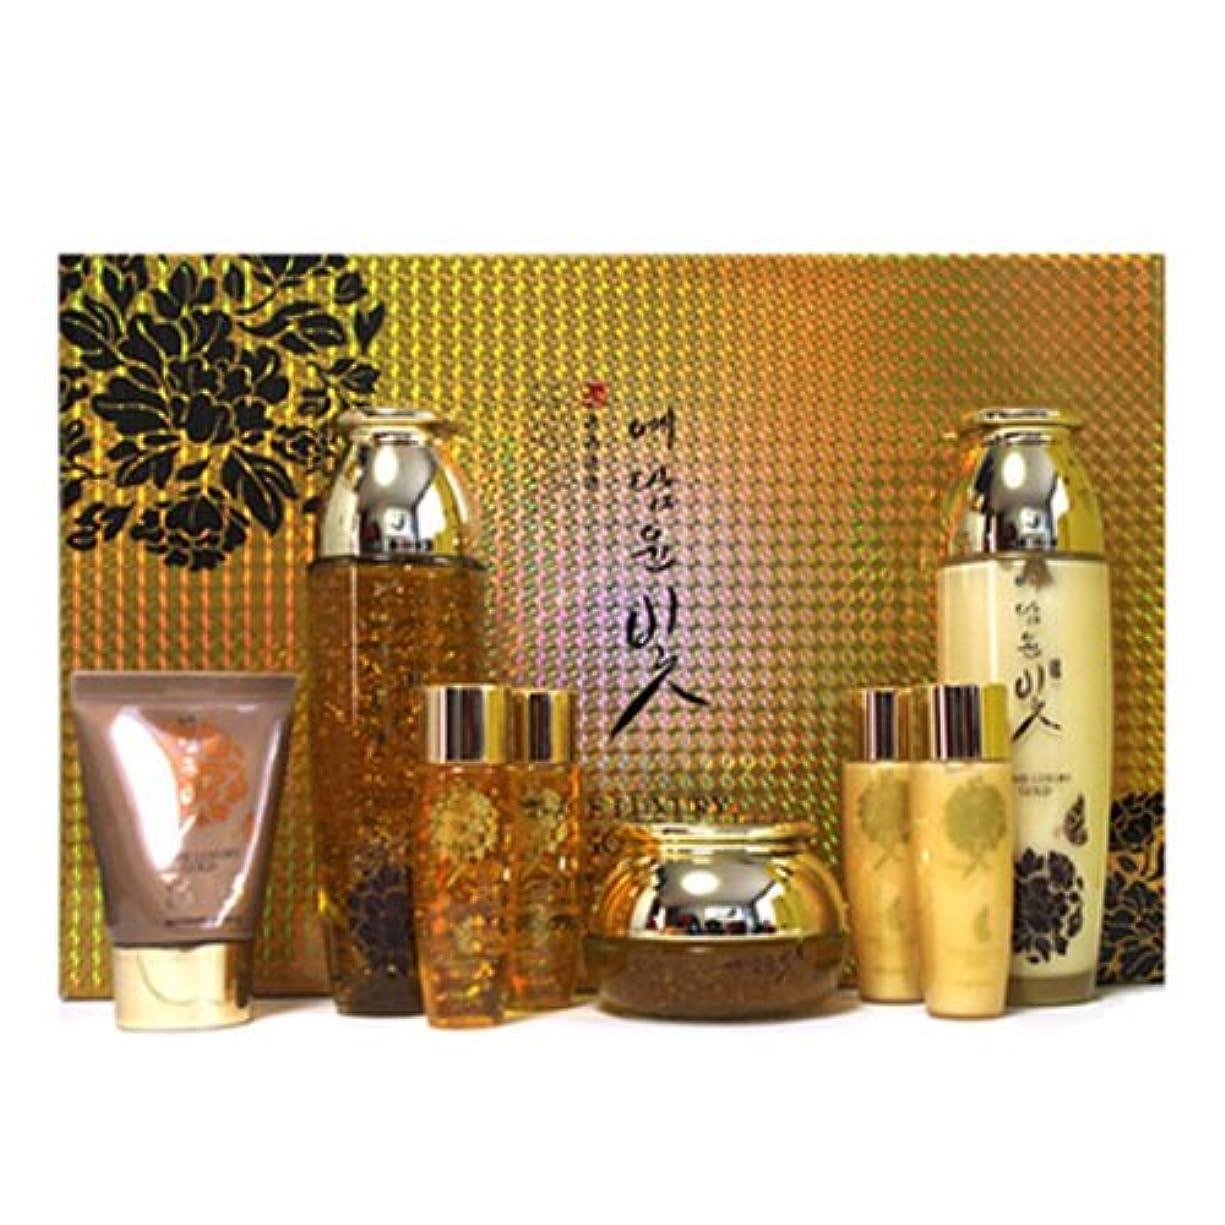 実際のお悔い改めるイェダムユンビト[韓国コスメYedam Yun Bit]Prime Luxury Gold Skin Care Set プライムラグジュアリーゴールドスキンケア4セット 樹液 乳液 クリーム/ BBクリーム [並行輸入品]